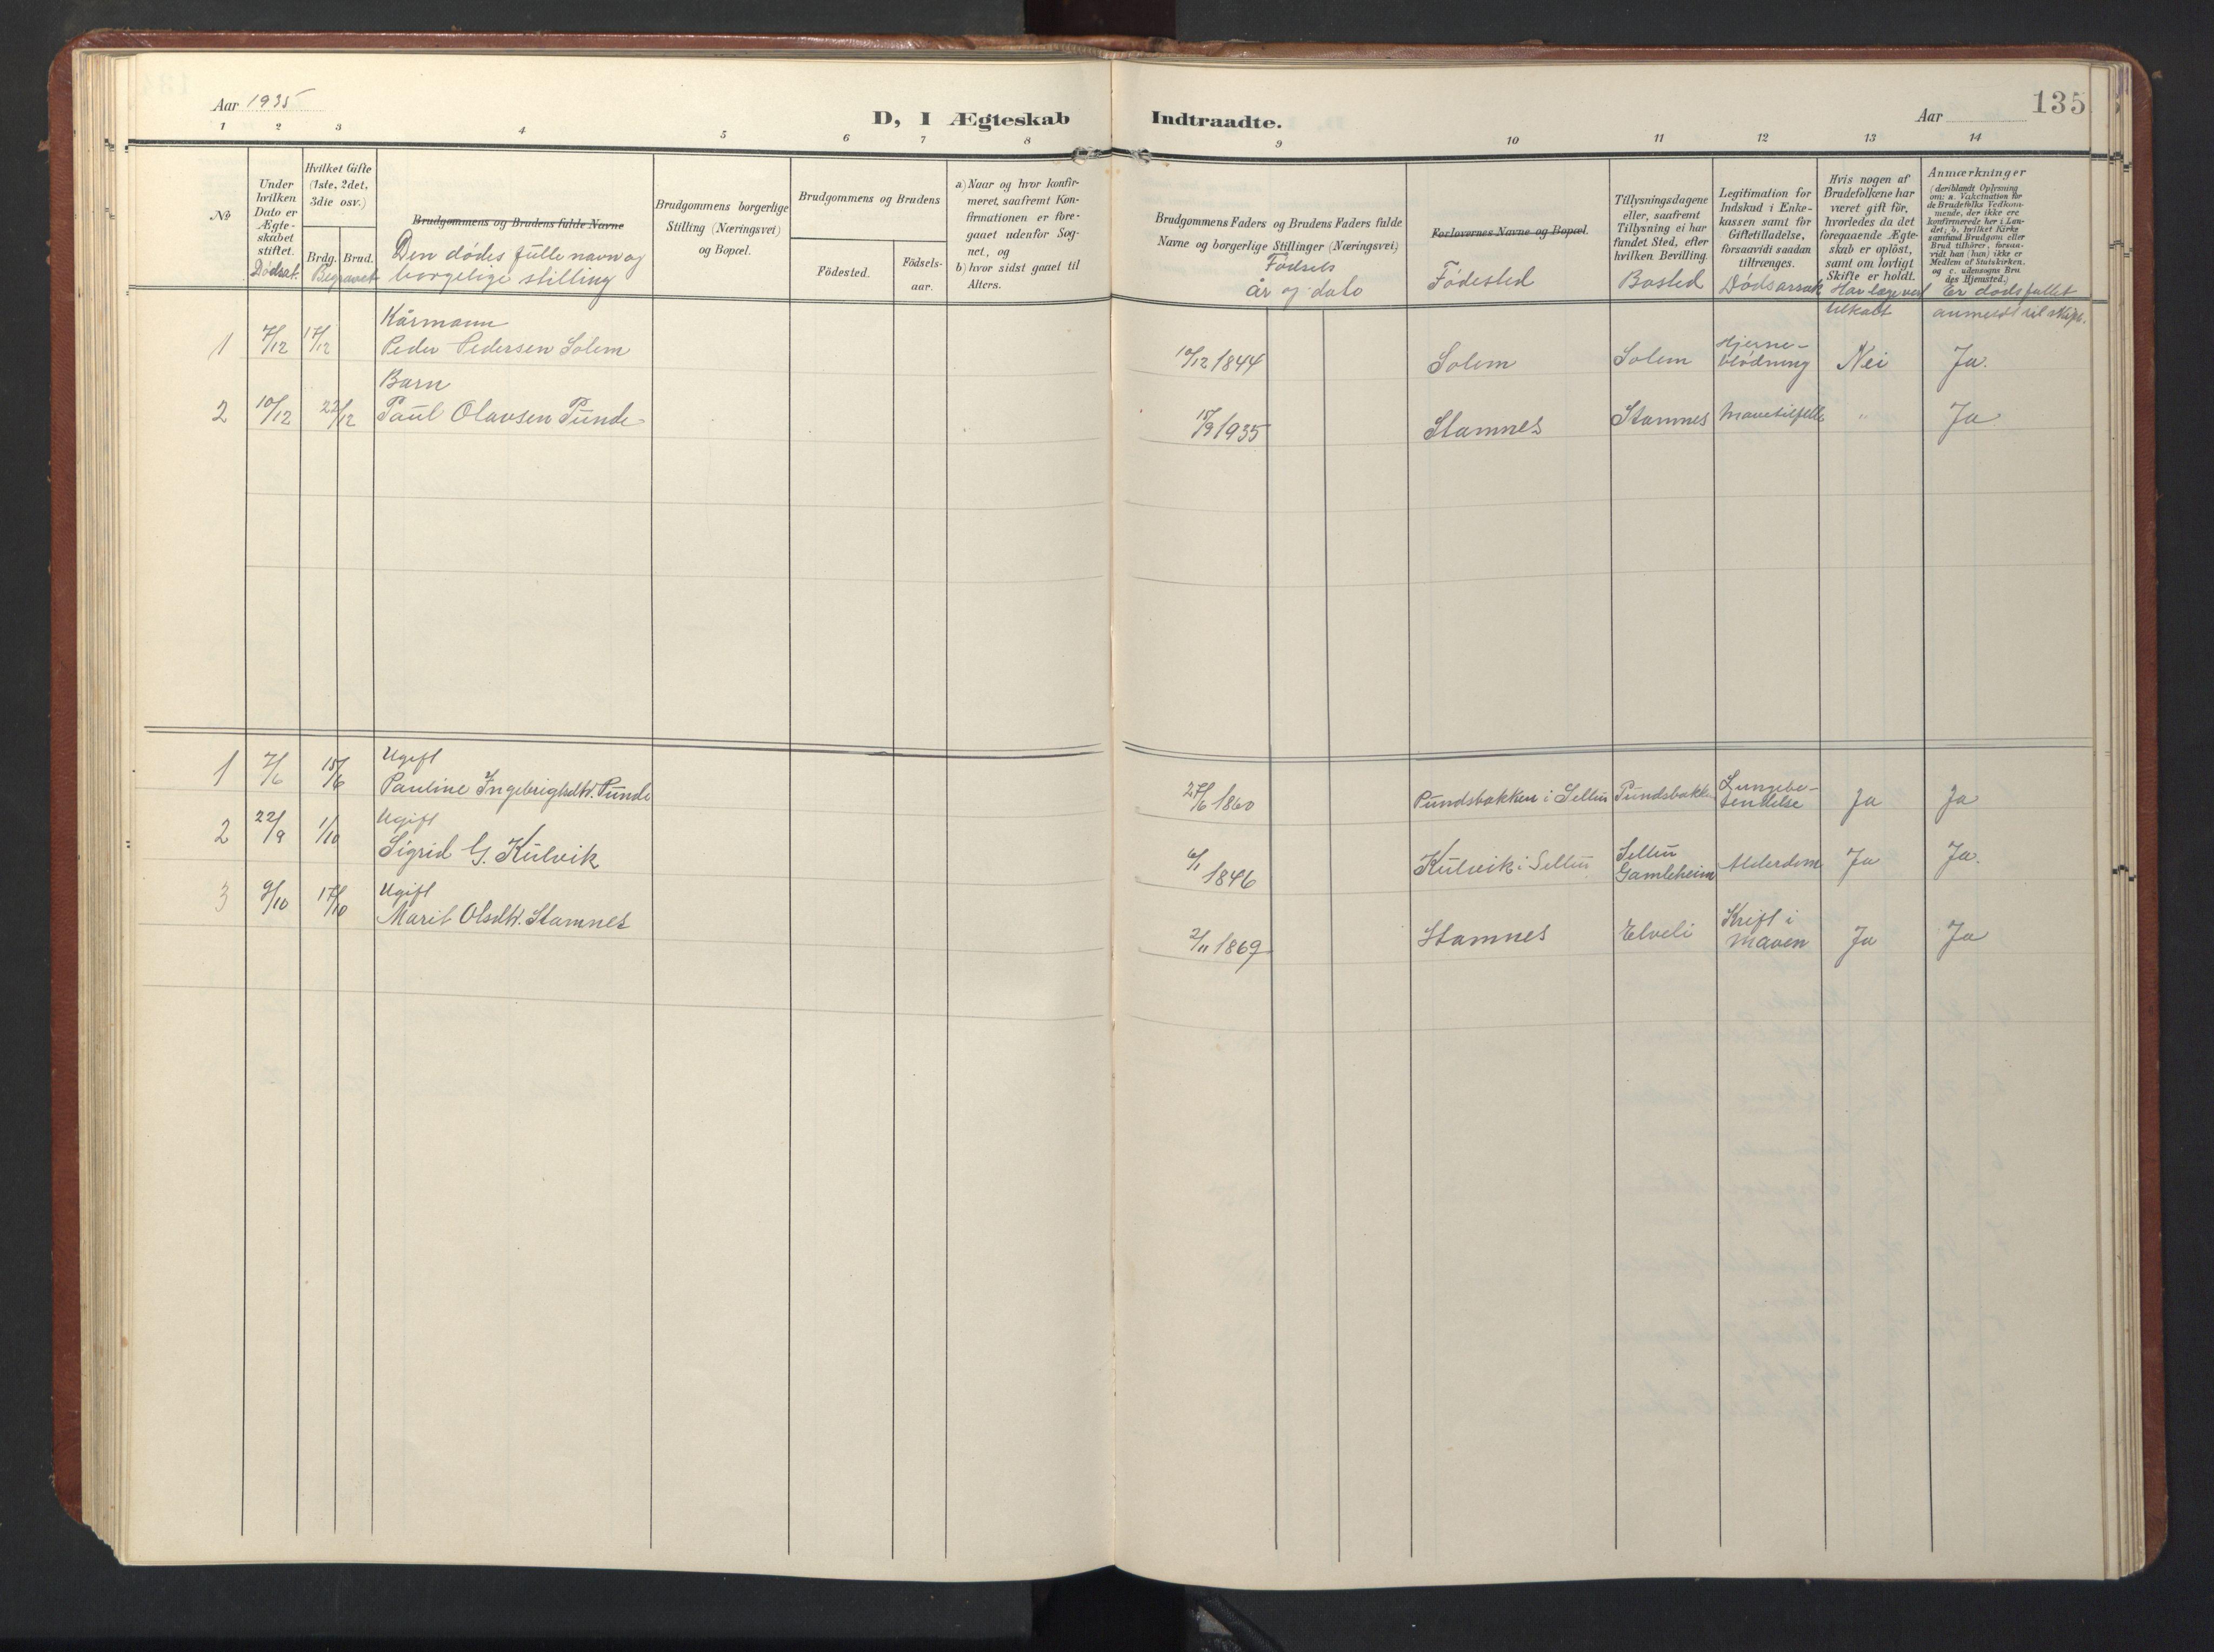 SAT, Ministerialprotokoller, klokkerbøker og fødselsregistre - Sør-Trøndelag, 696/L1161: Klokkerbok nr. 696C01, 1902-1950, s. 135